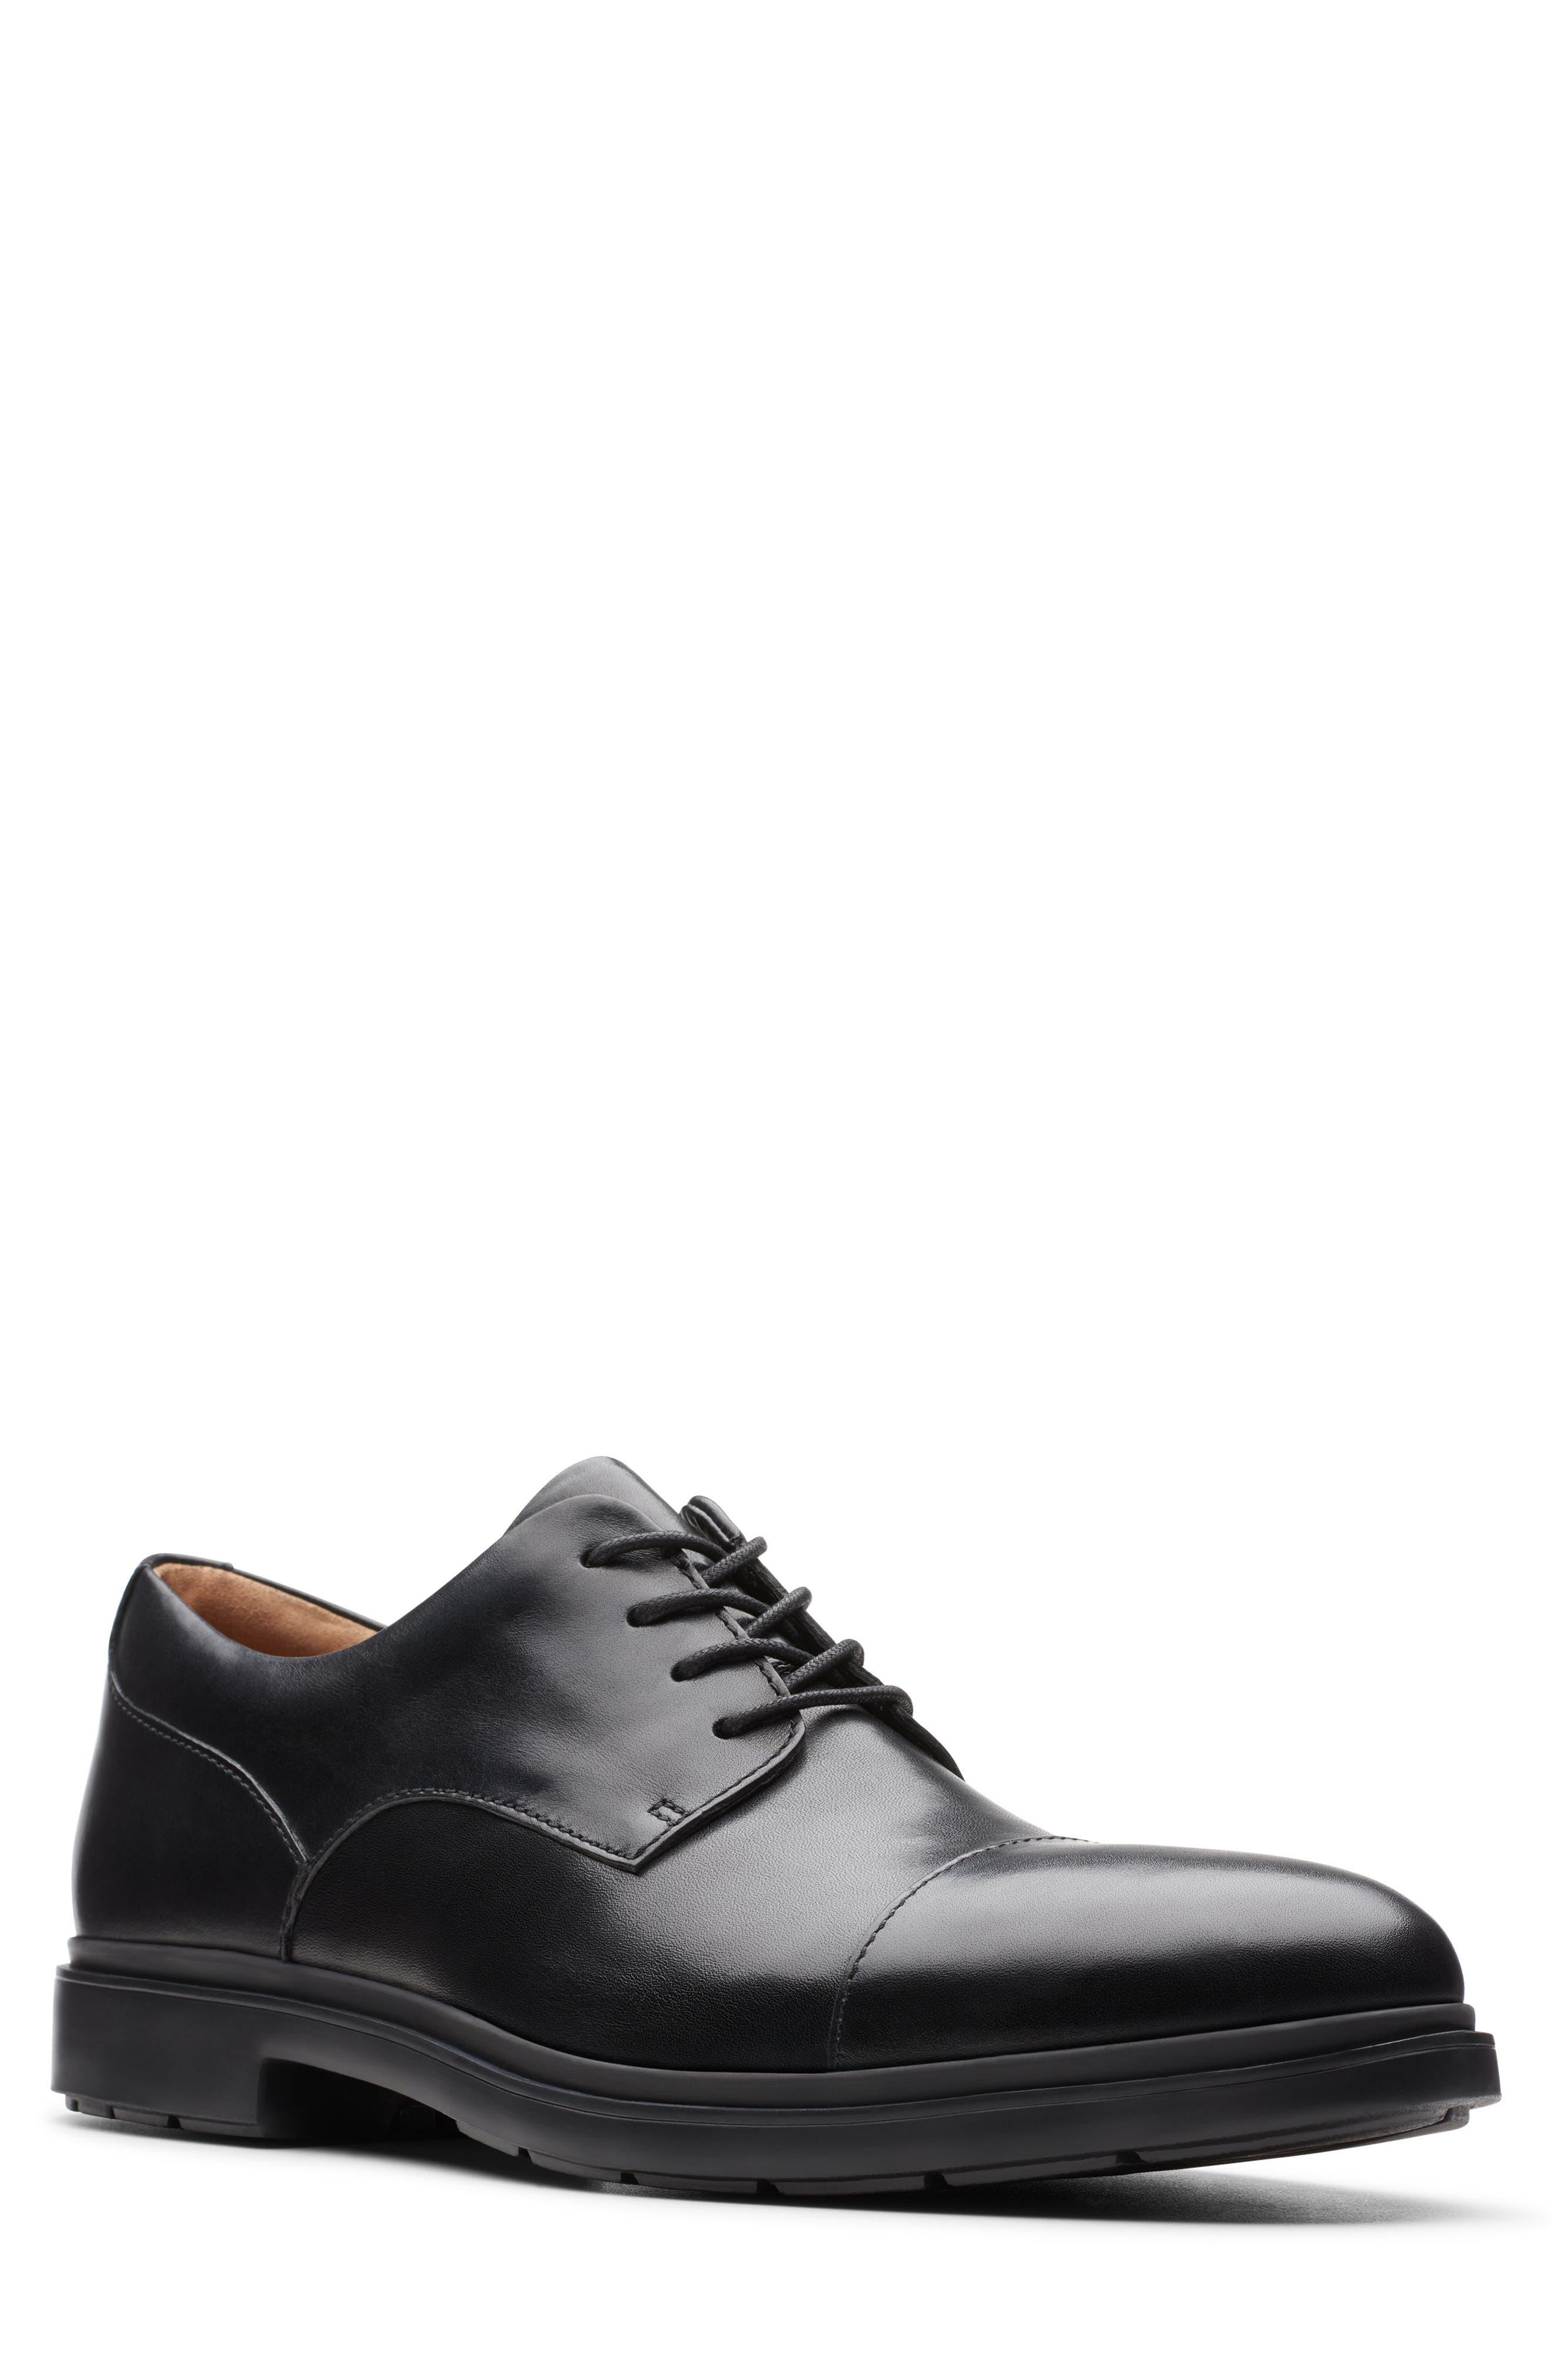 Men's Clarks Un. tailor Cap Toe Derby